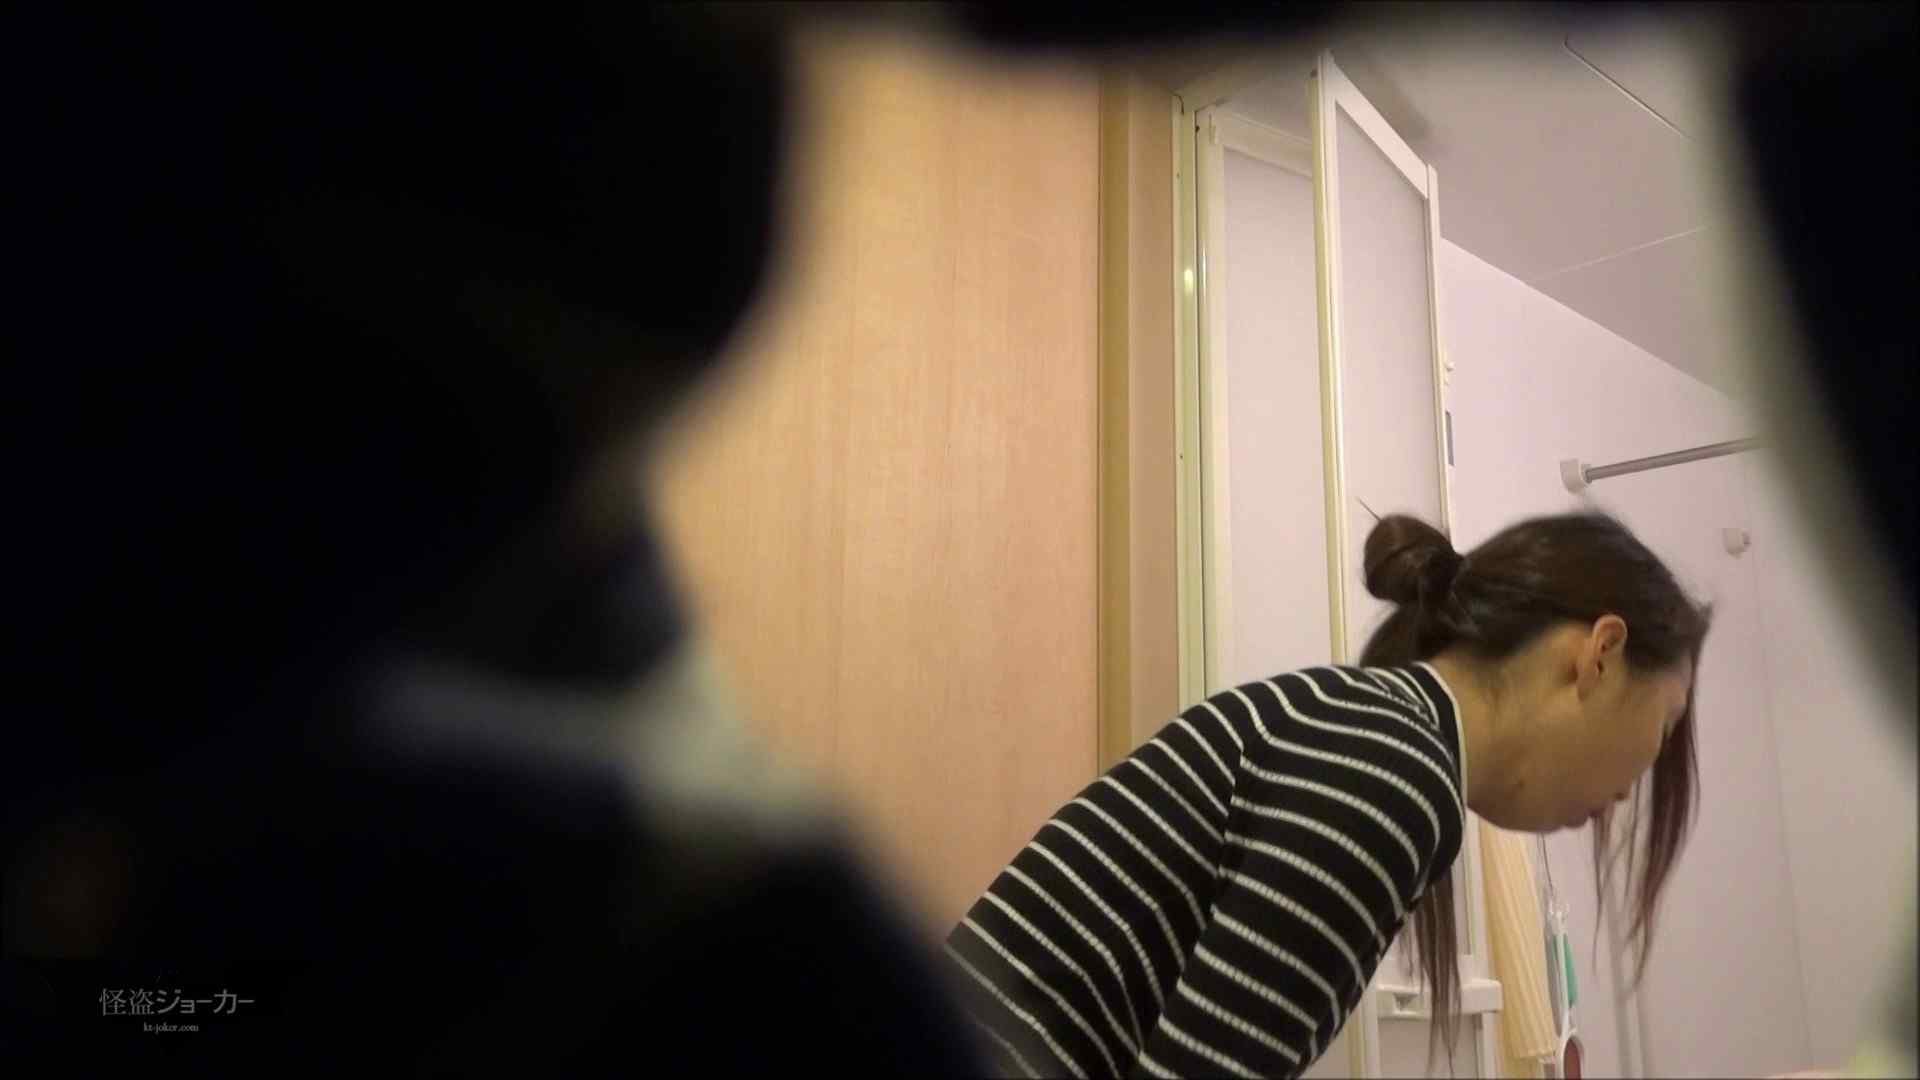 【未公開】vol.105 {爆乳女子と貧乳女子}カナミ&マリ【前編】 イタズラ エロ無料画像 49画像 37